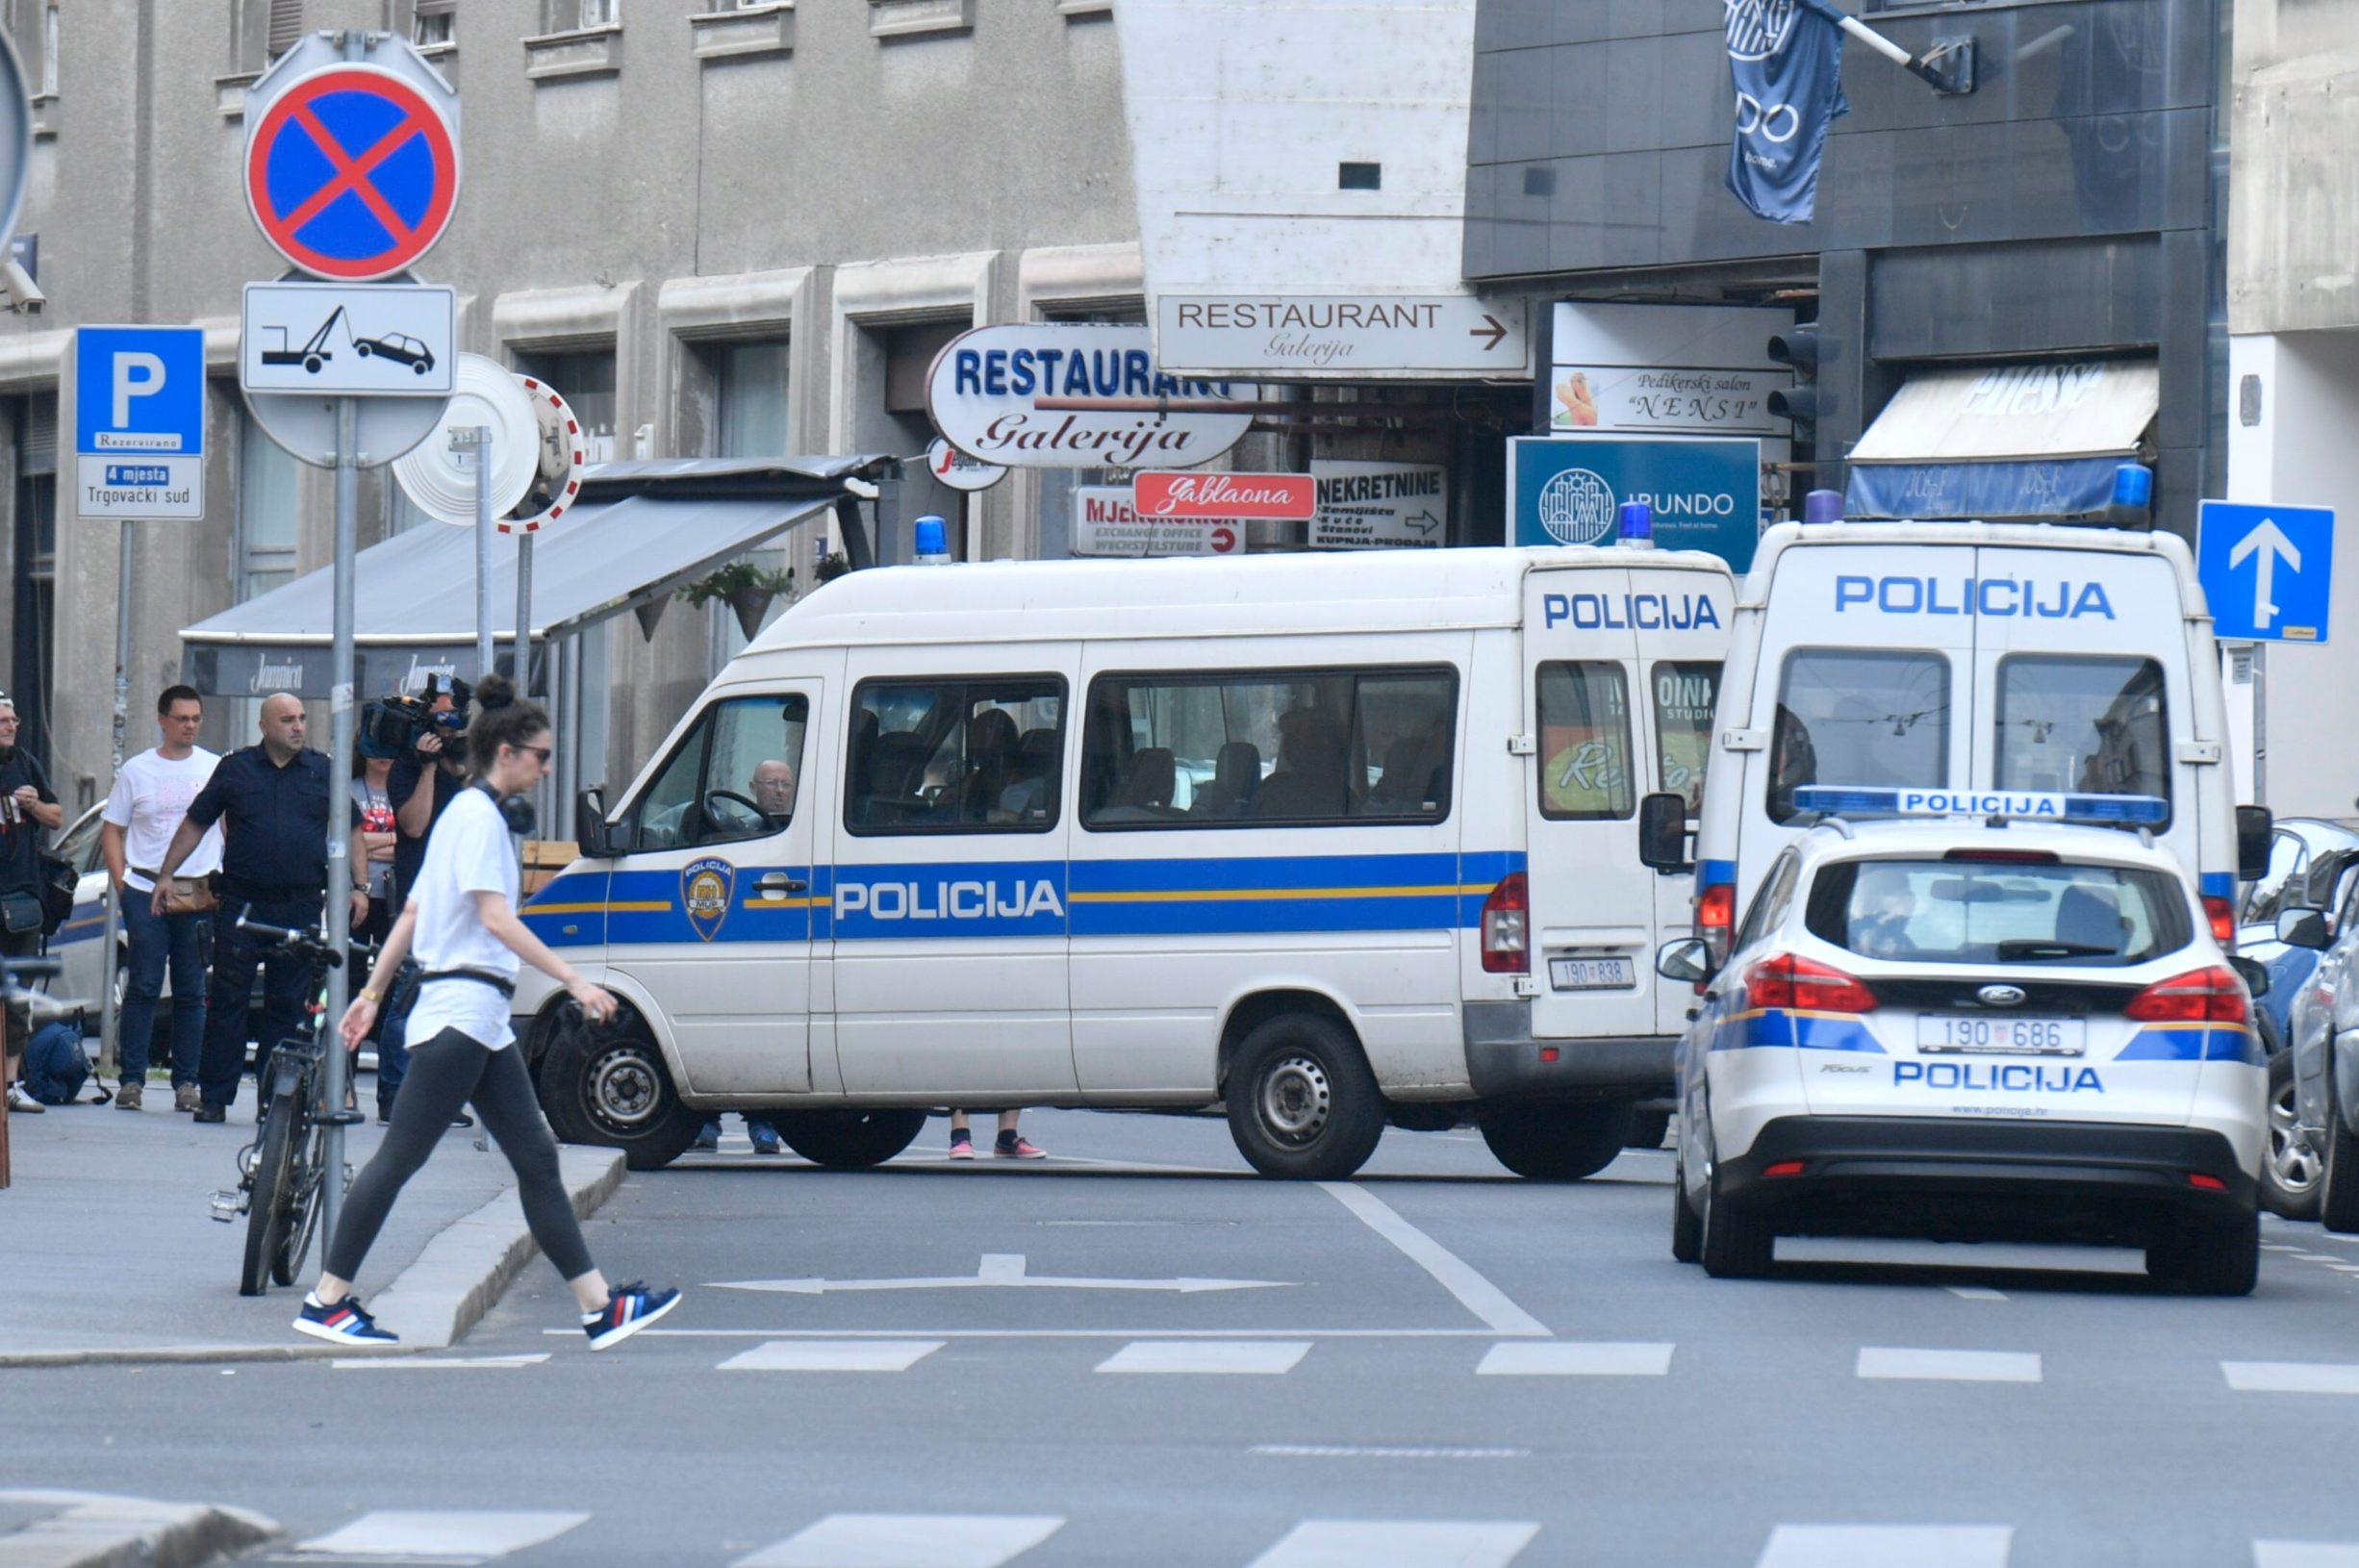 Županijski sud policija